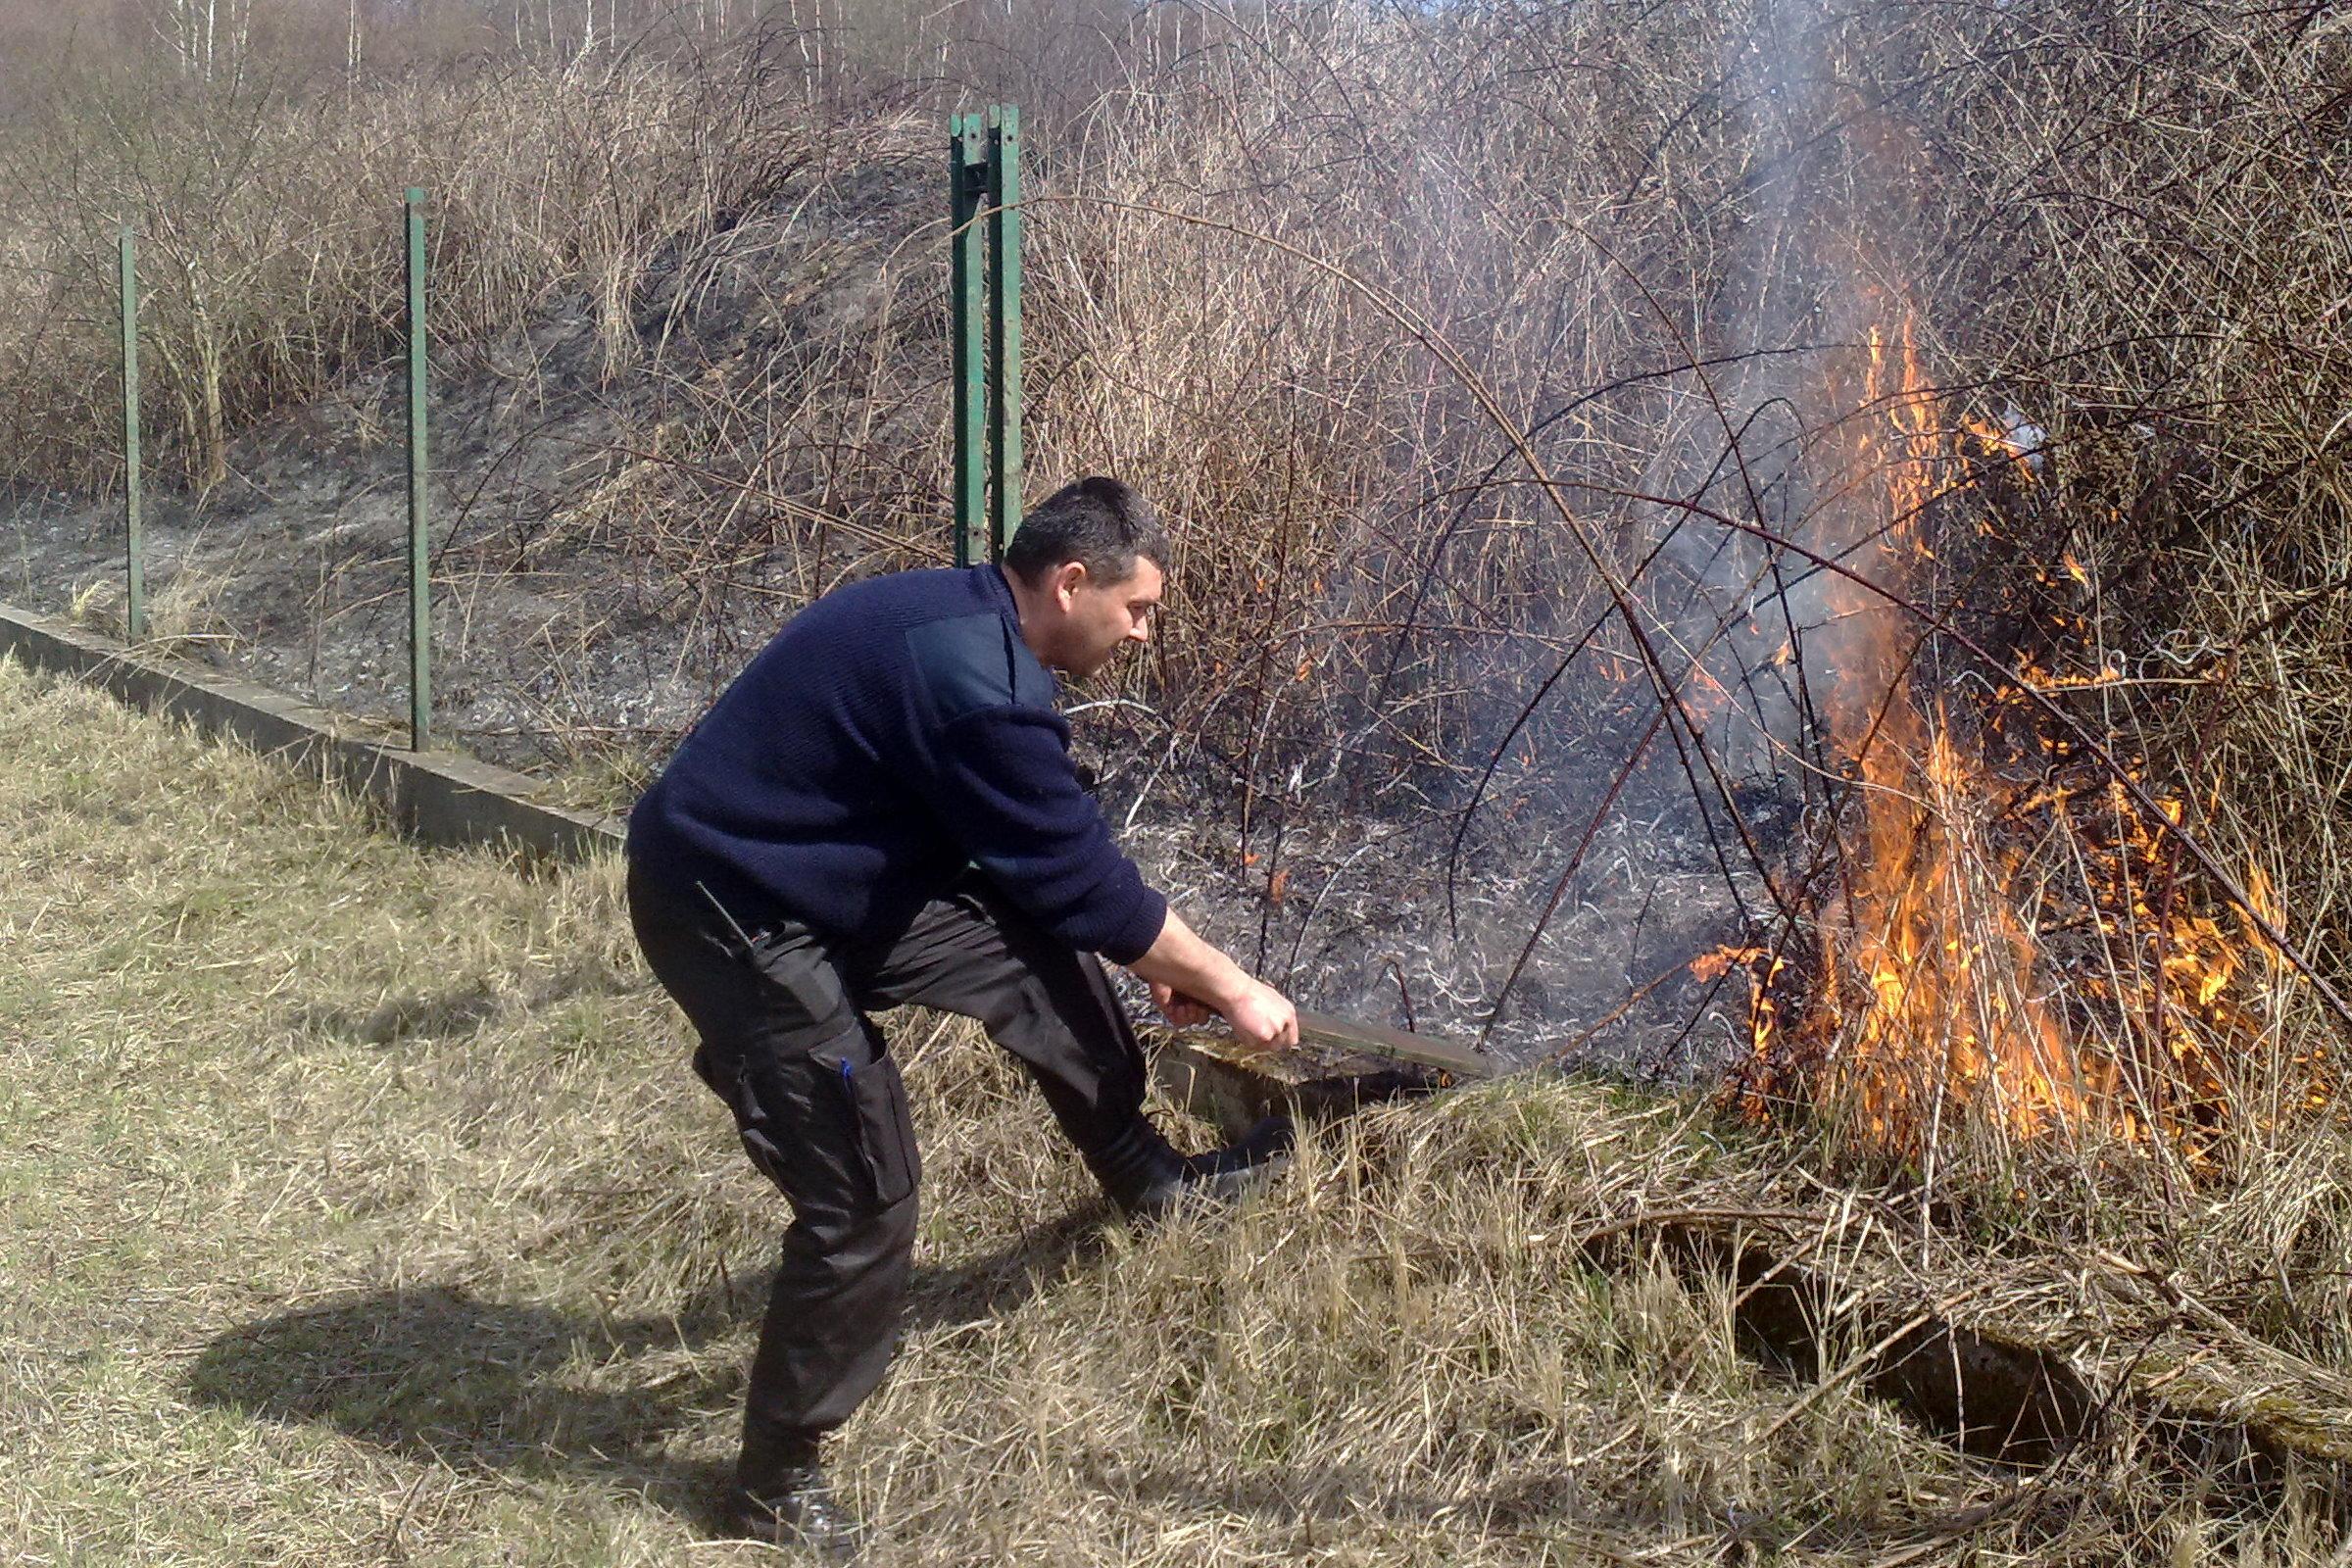 Strażnicy miejscy gasili płonące łąki w rejonie Lasu Wolskiego